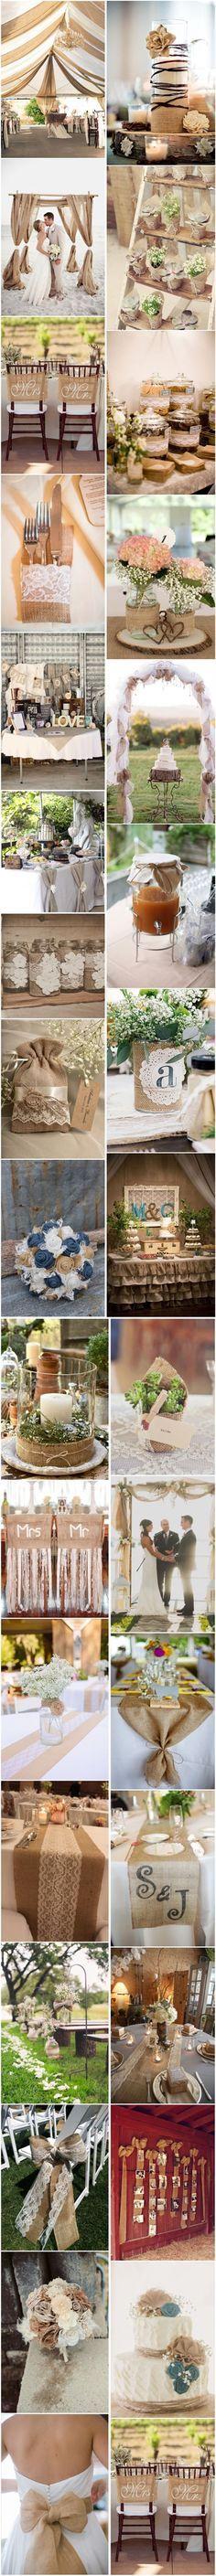 50+ Chic-Rustic Burlap Wedding Ideas, Rustic Wedding Ideas, See more: http://www.deerpearlflowers.com/50-chic-rustic-burlap-and-lace-wedding-ideas/